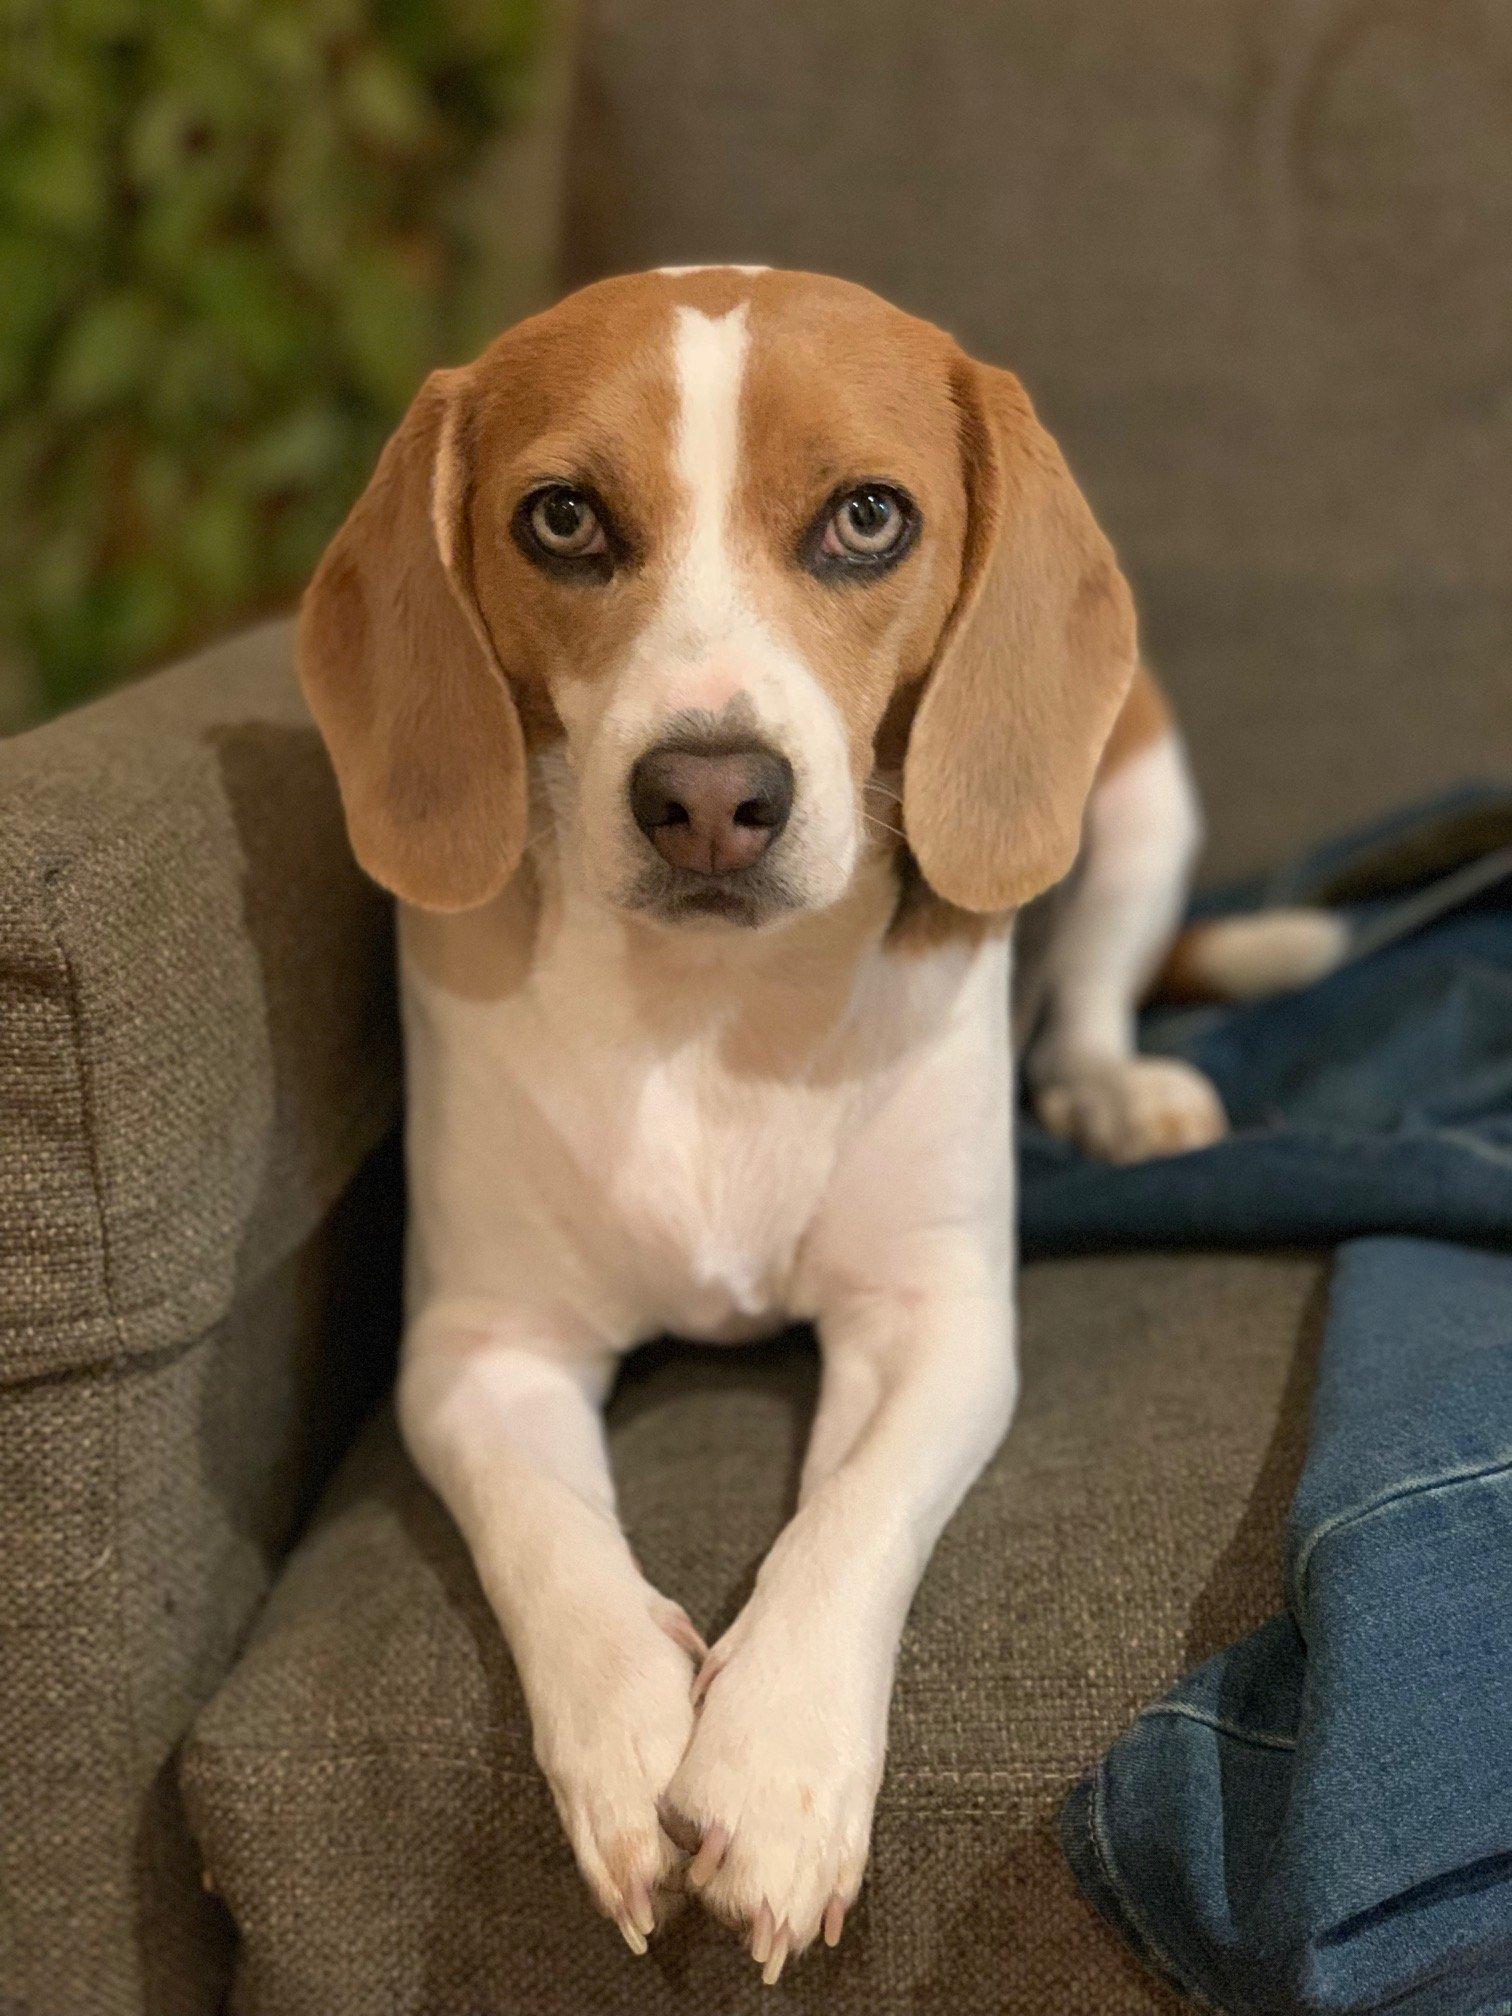 Beacon the Beagle